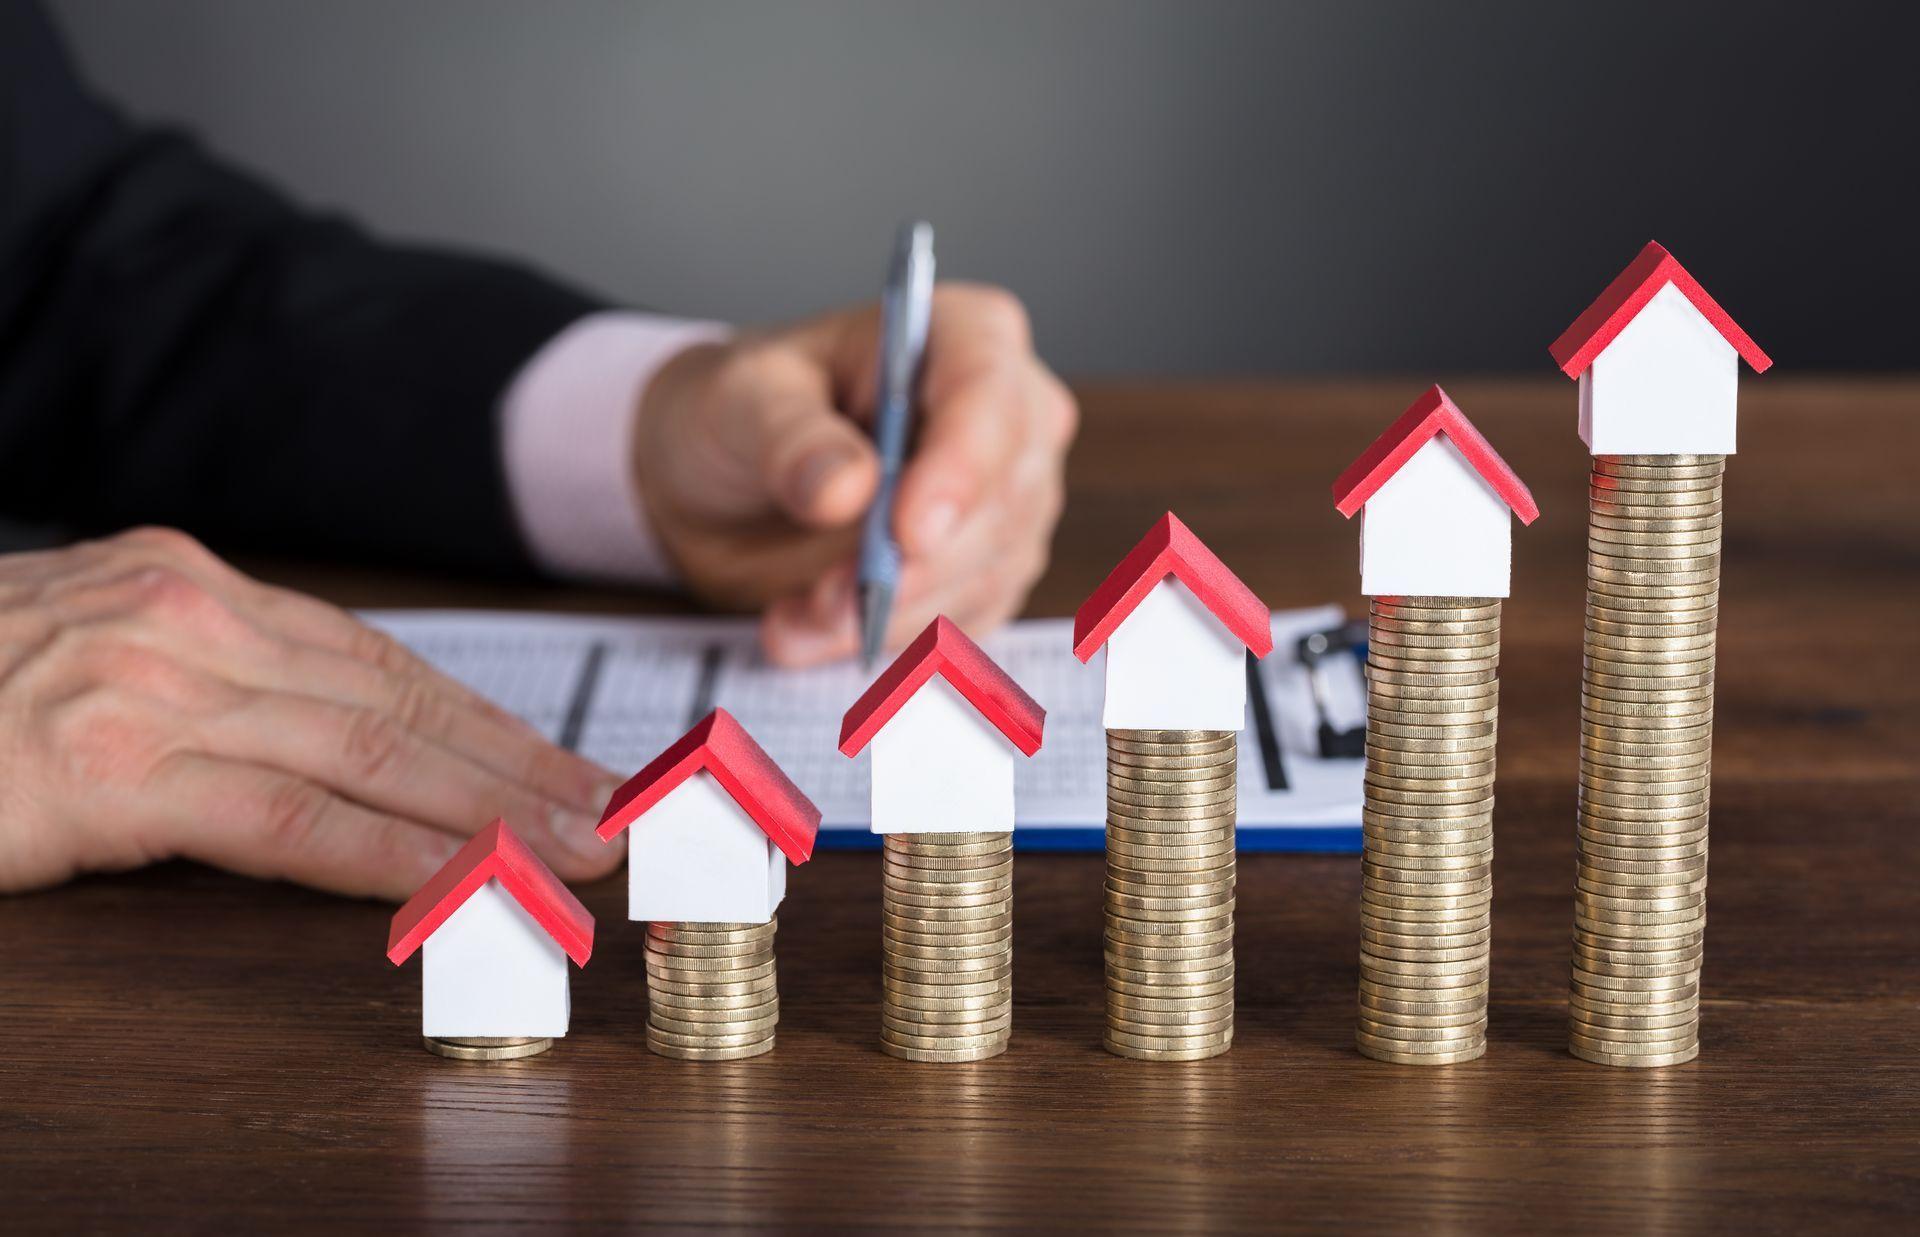 Тверская область заняла первое место в ЦФО по темпам роста налоговых и неналоговых доходов консолидированного бюджета за 5 месяцев 2020 года - новости Афанасий